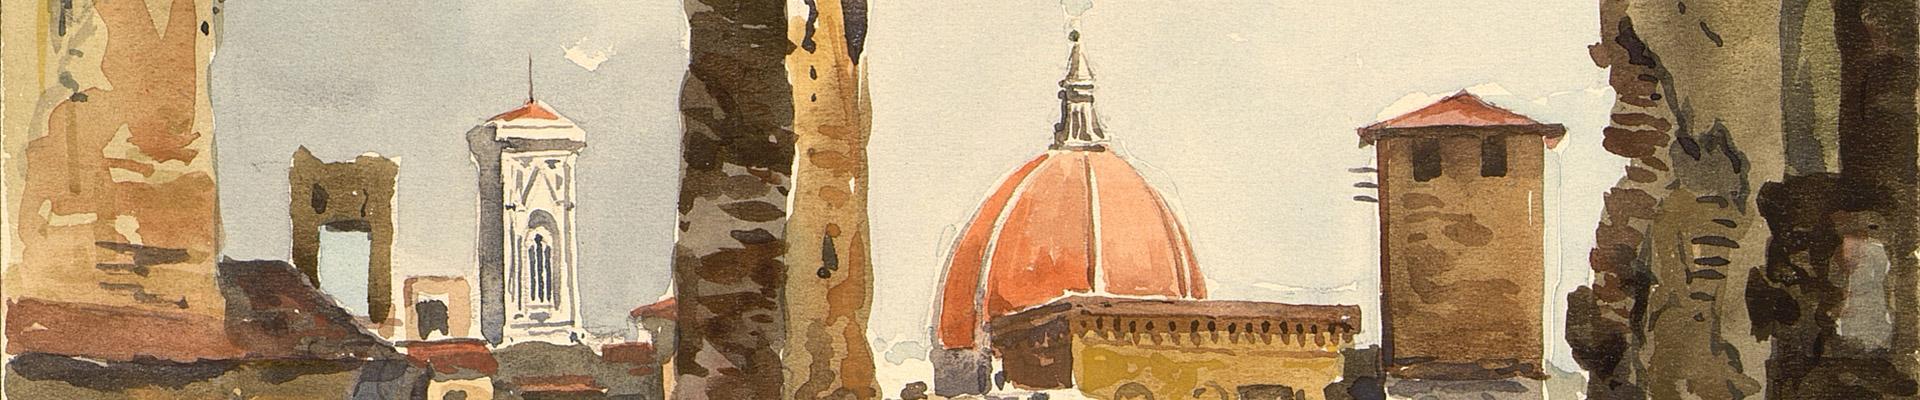 Firenze, i giorni della Liberazione (acquerello di Corradi Pogni)